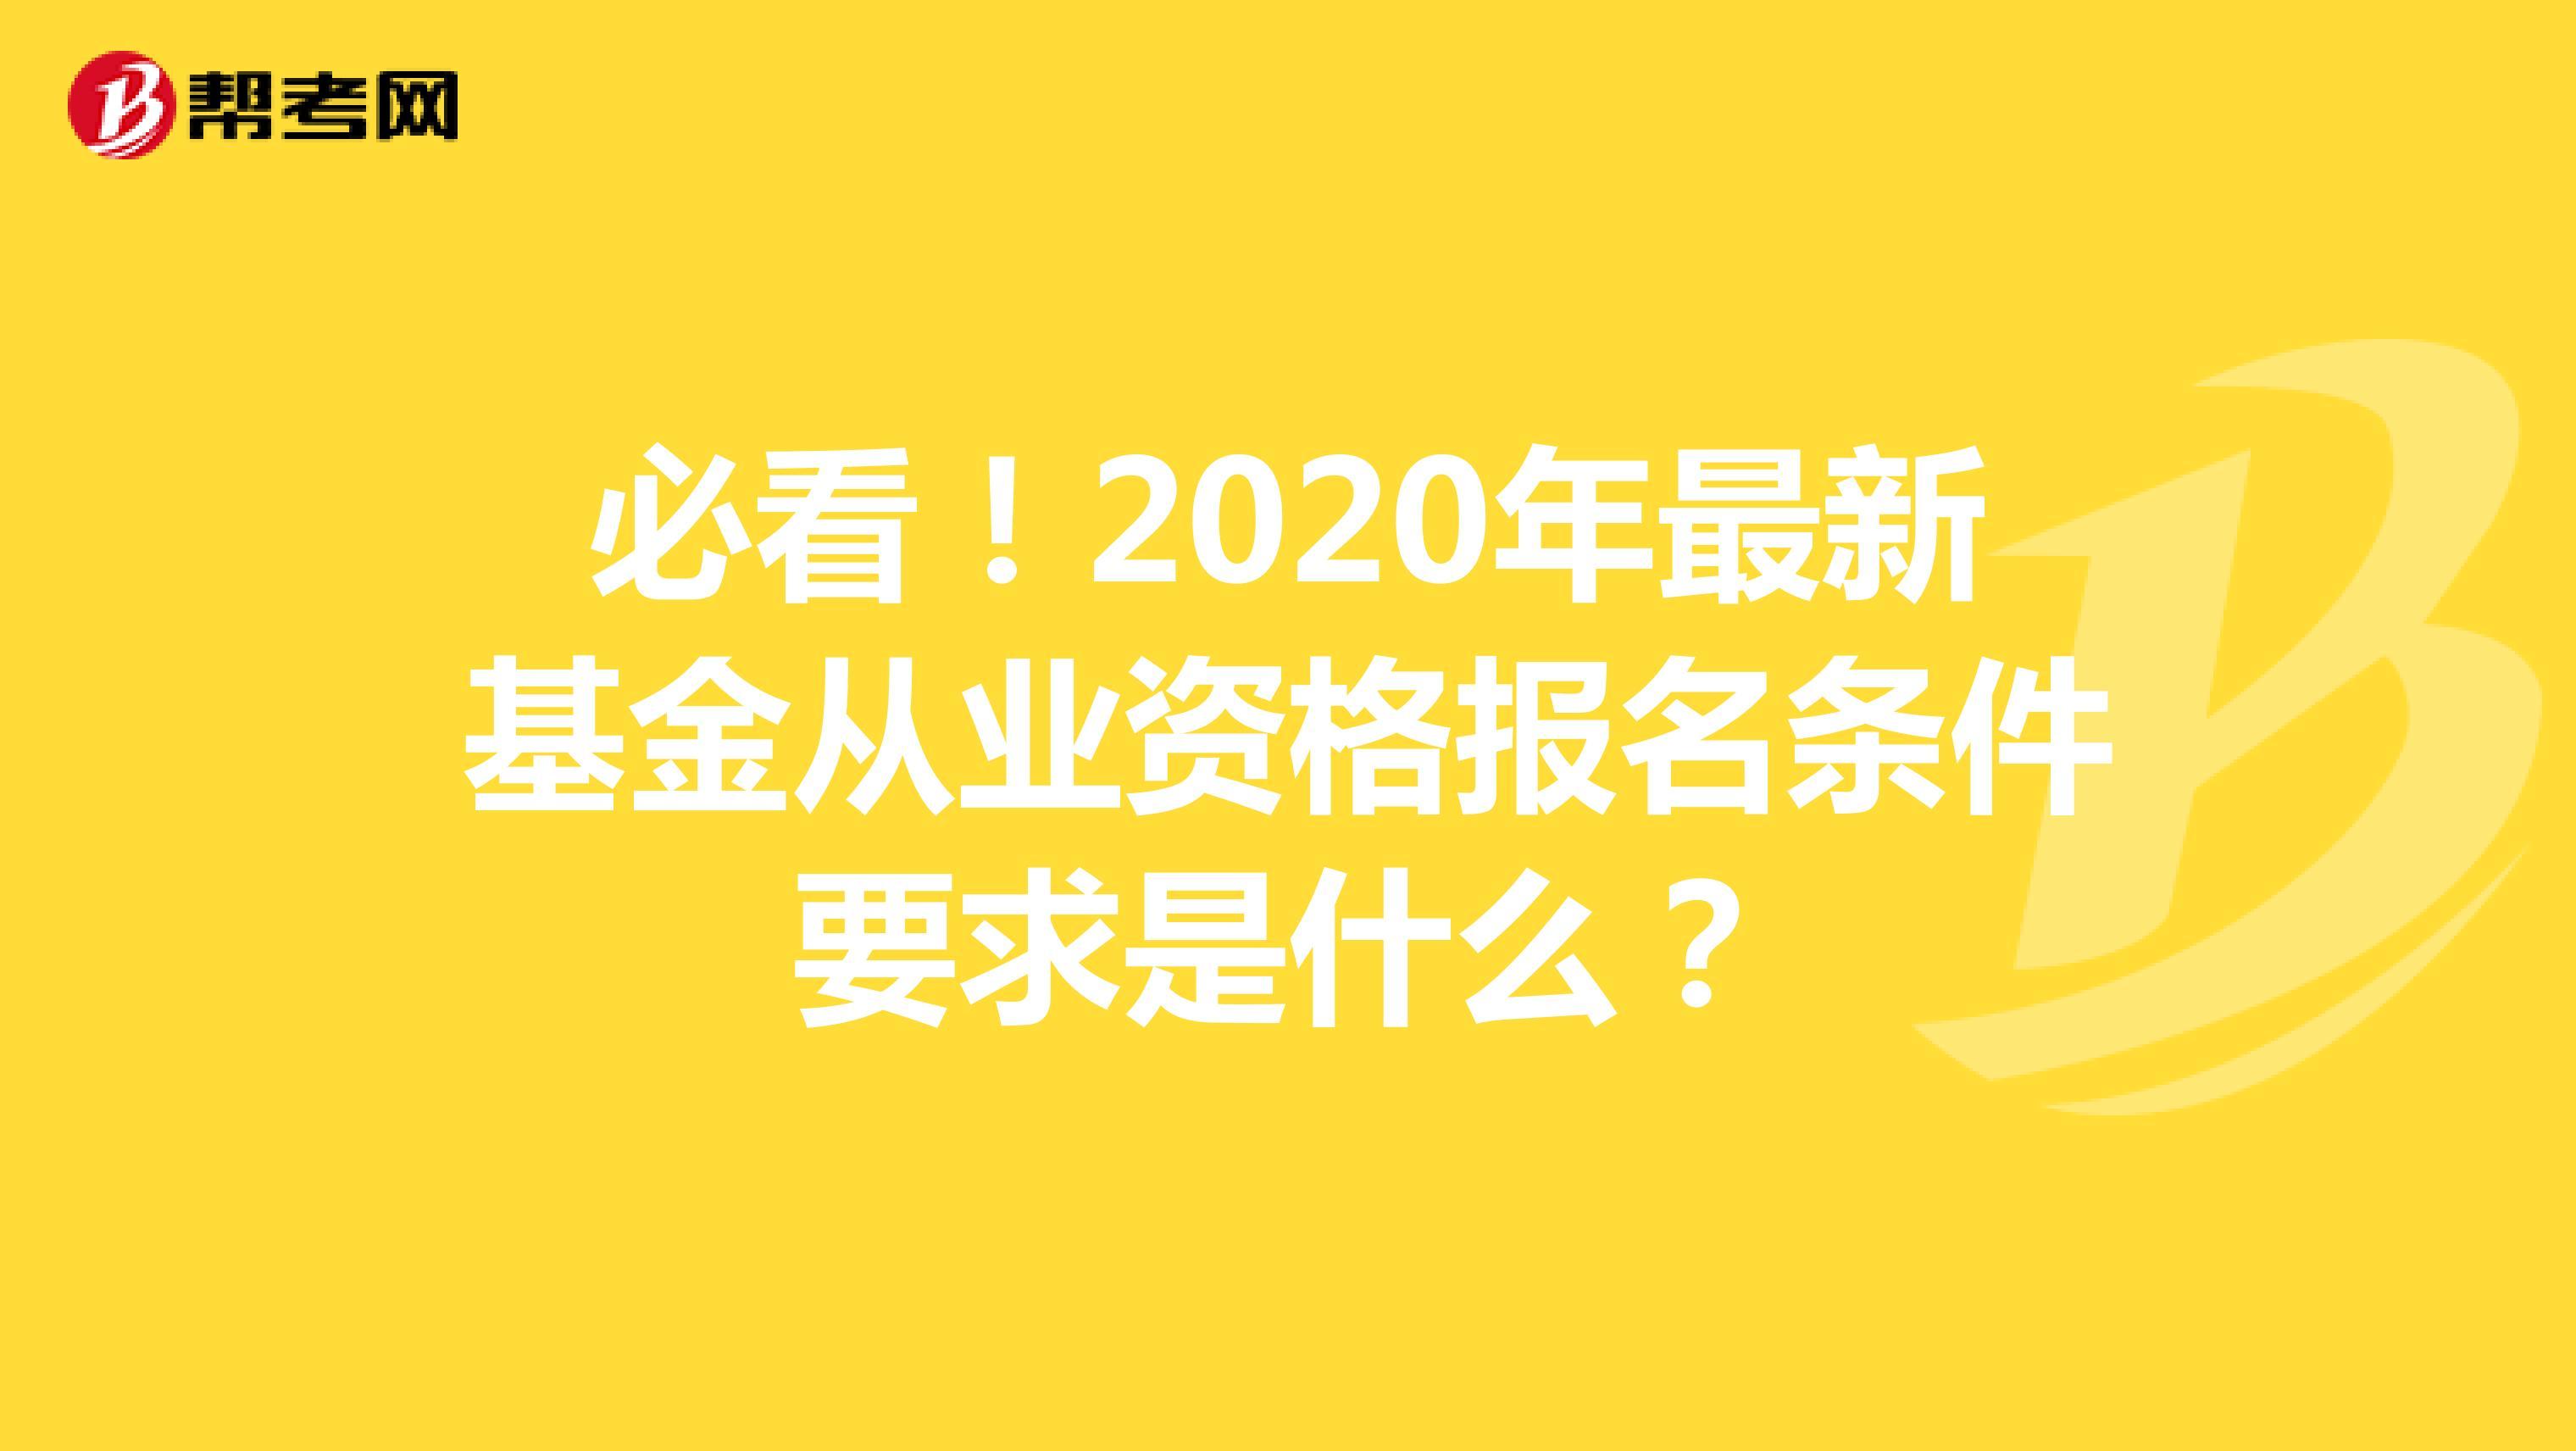 必看!2020年最新基金从业资格报名条件要求是什么?